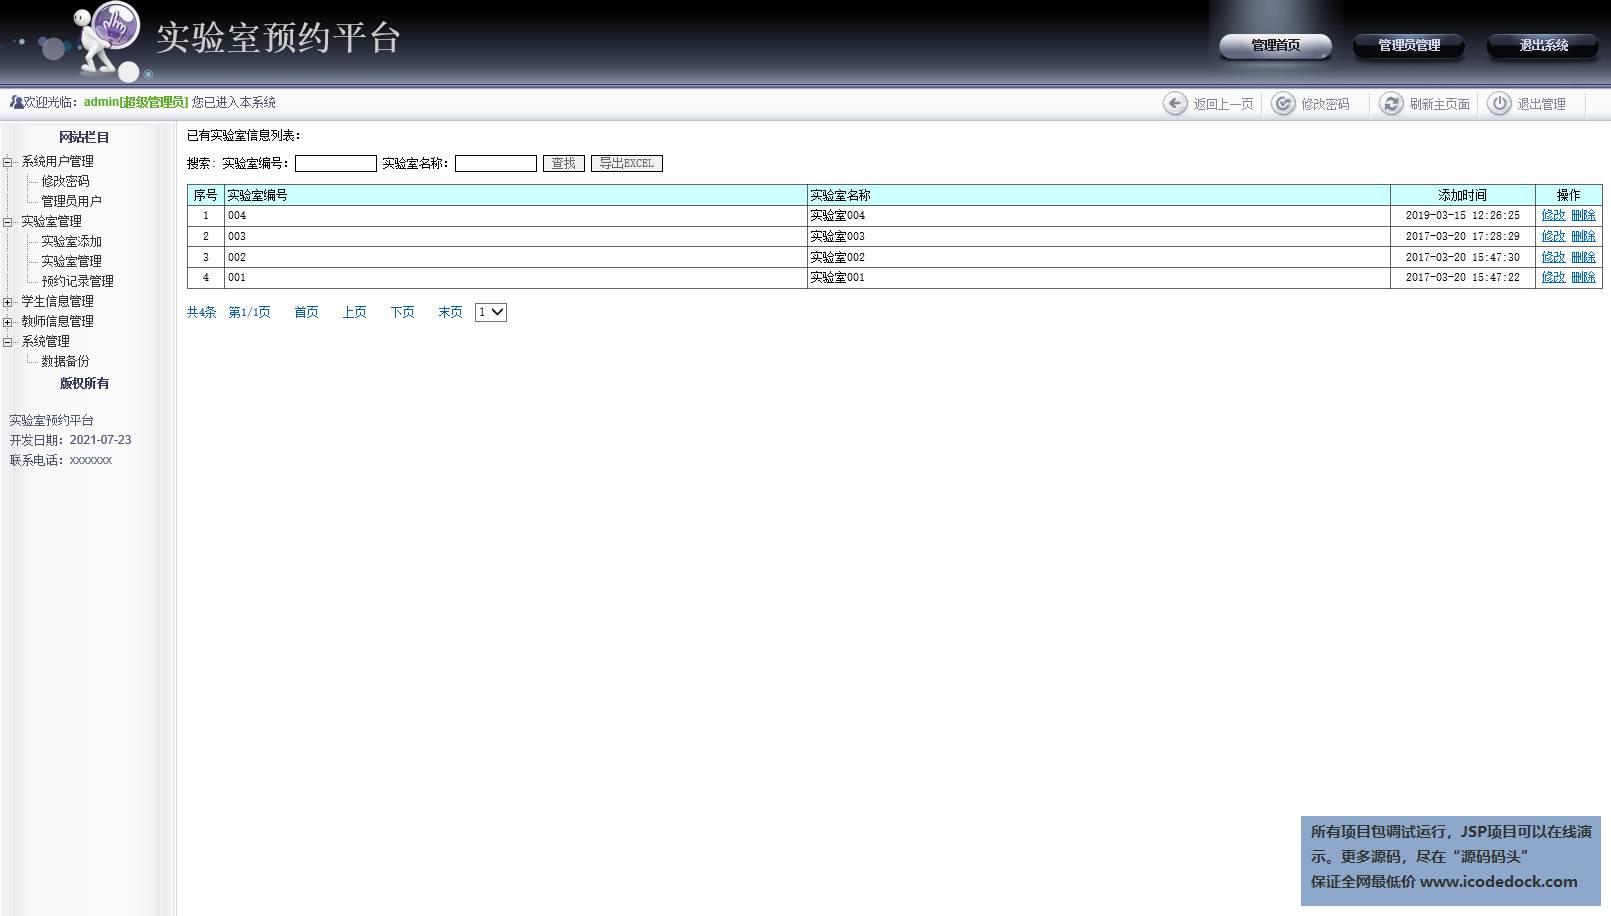 源码码头-JSP在线高校实验室预约管理系统-管理员角色-实验室管理